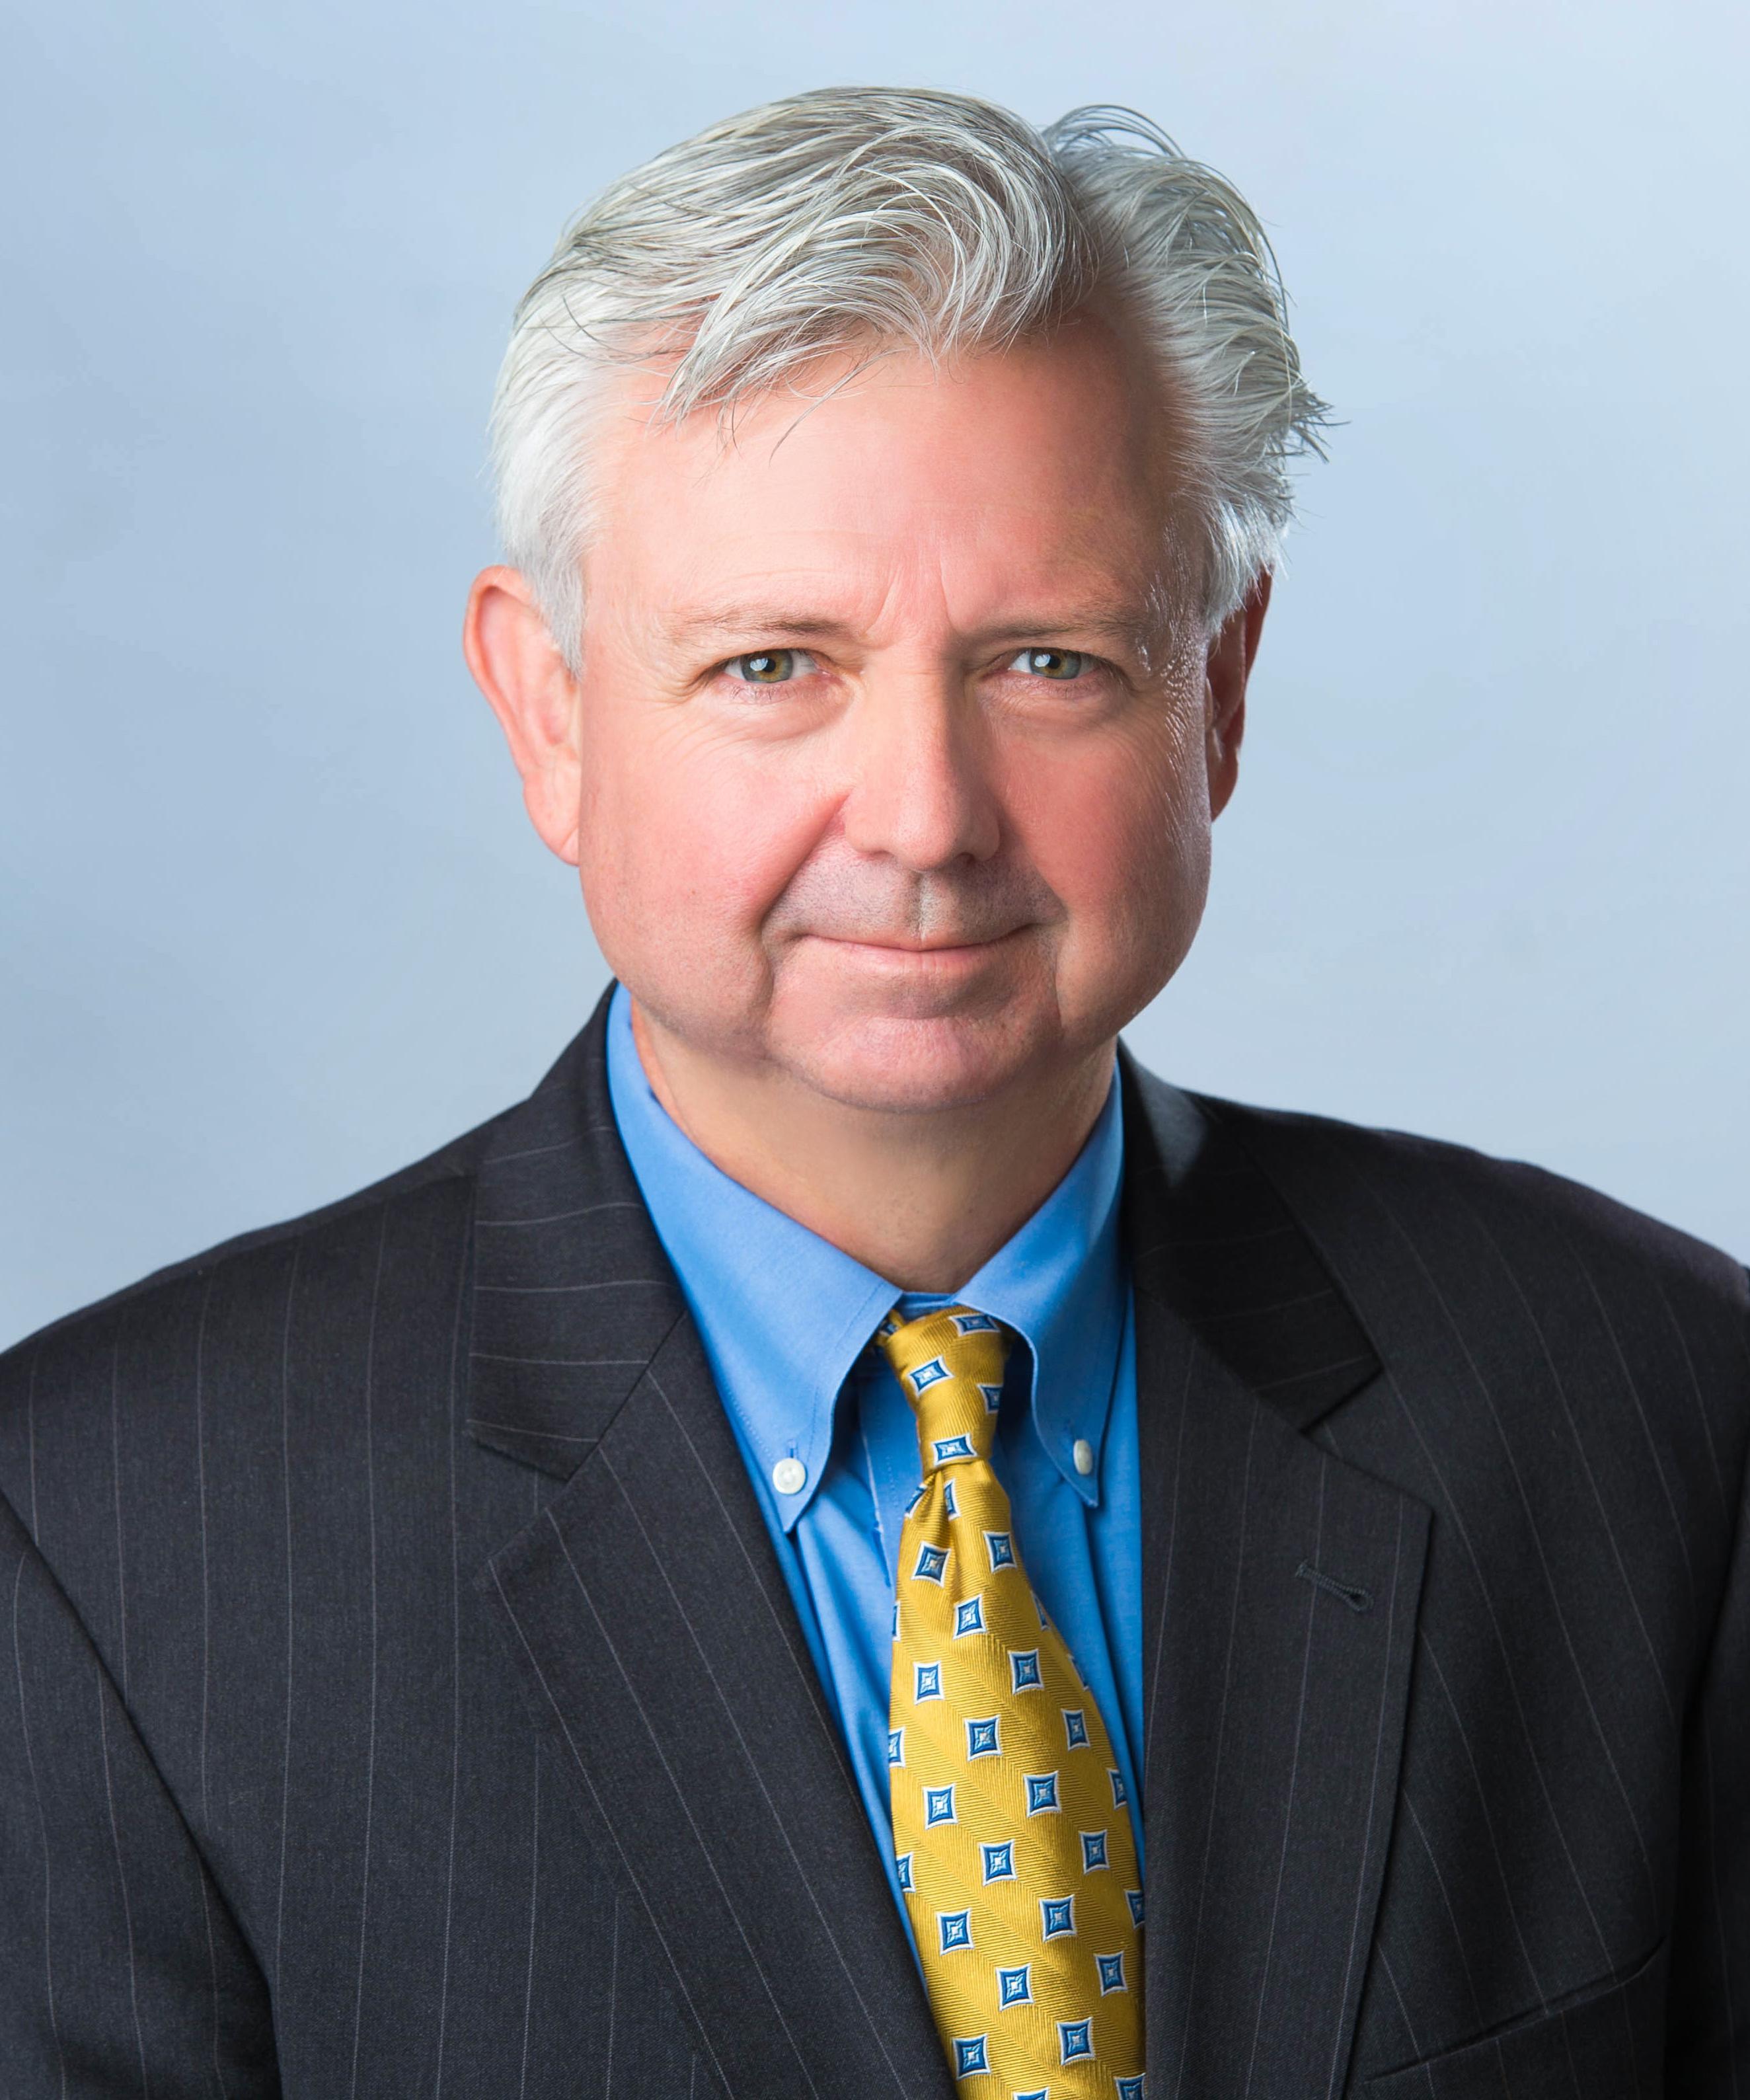 Neil Dombrowski